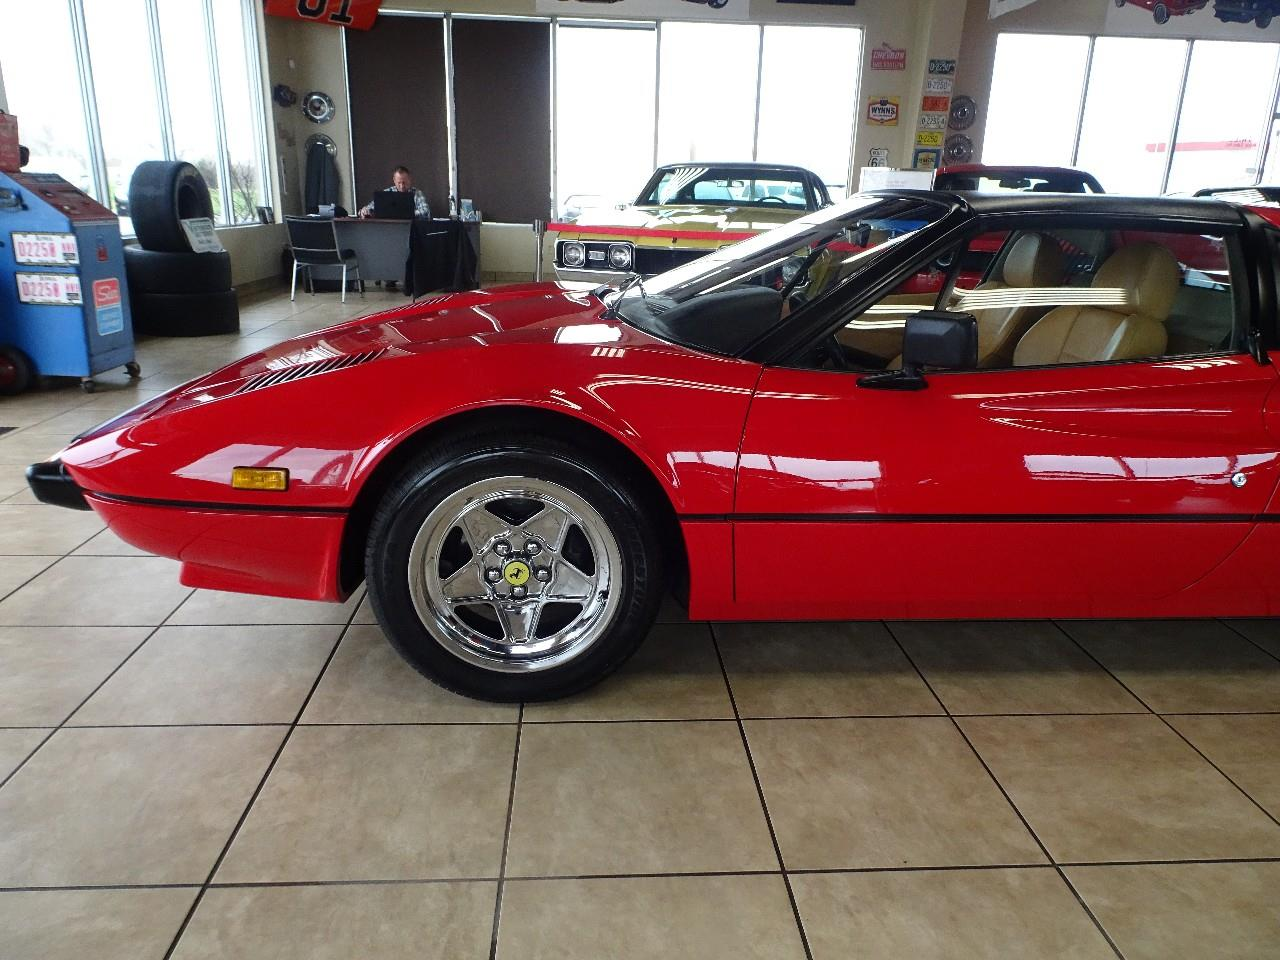 1981 Ferrari 308 (CC-1209490) for sale in De Witt, Iowa